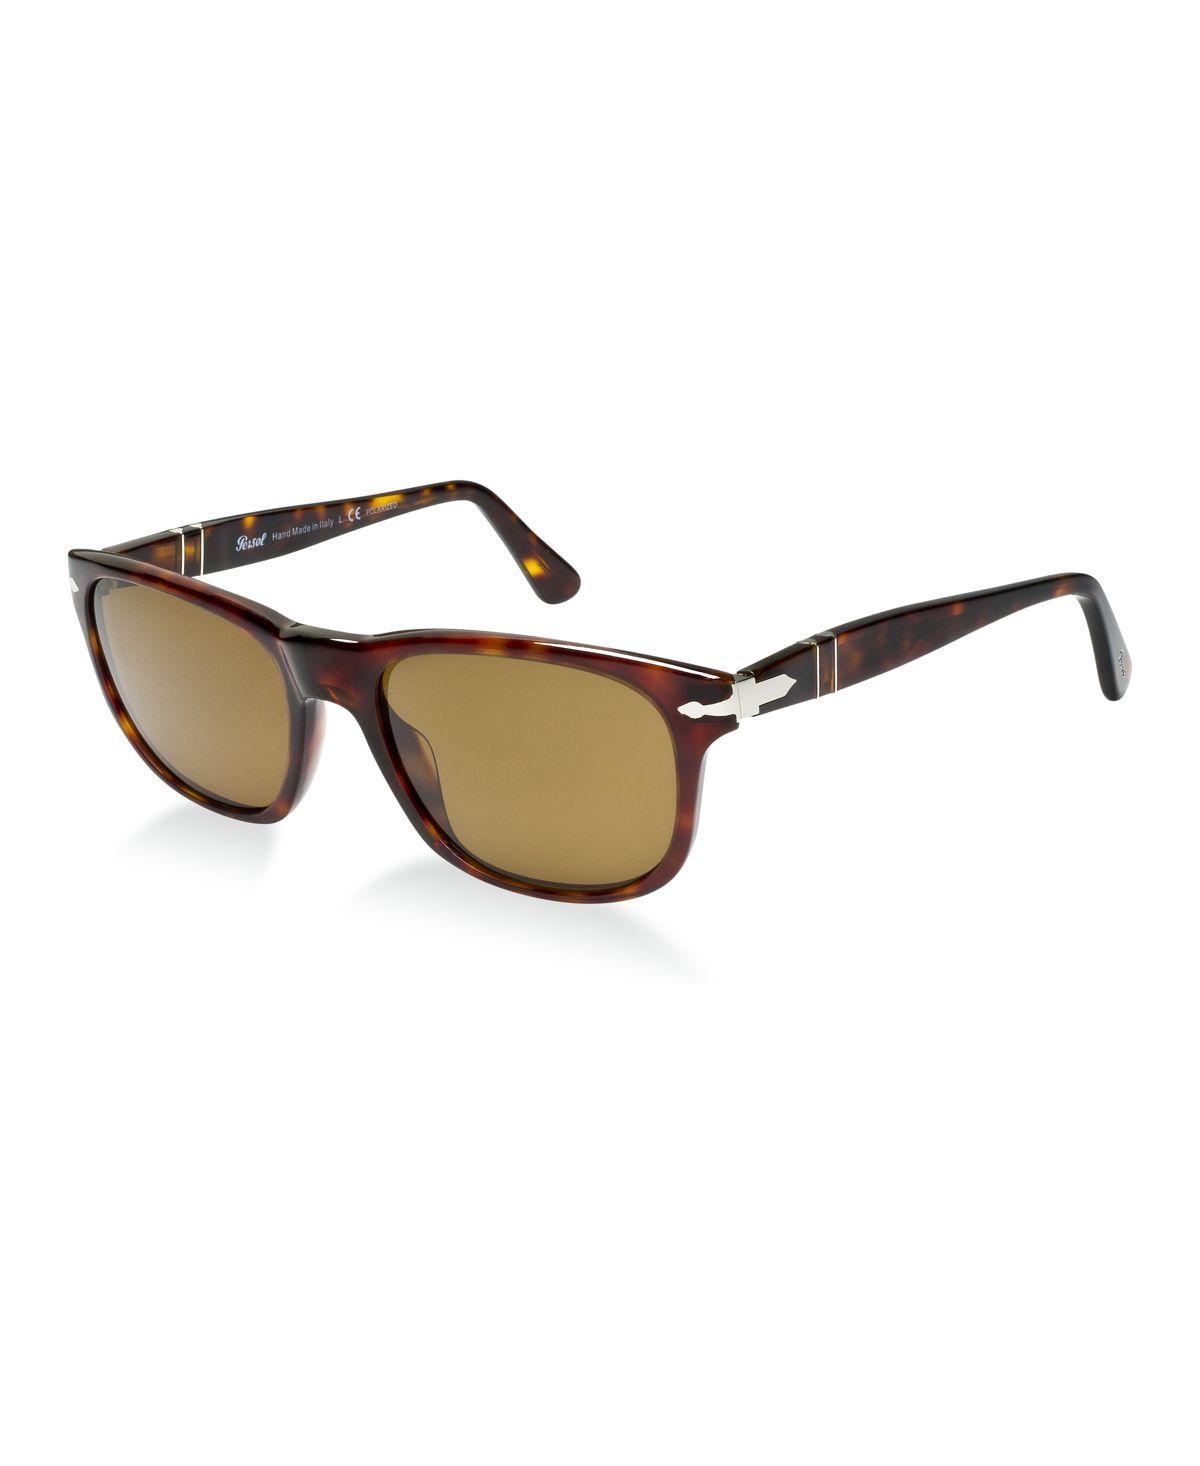 5b9fa1c290 Persol Sunglasses